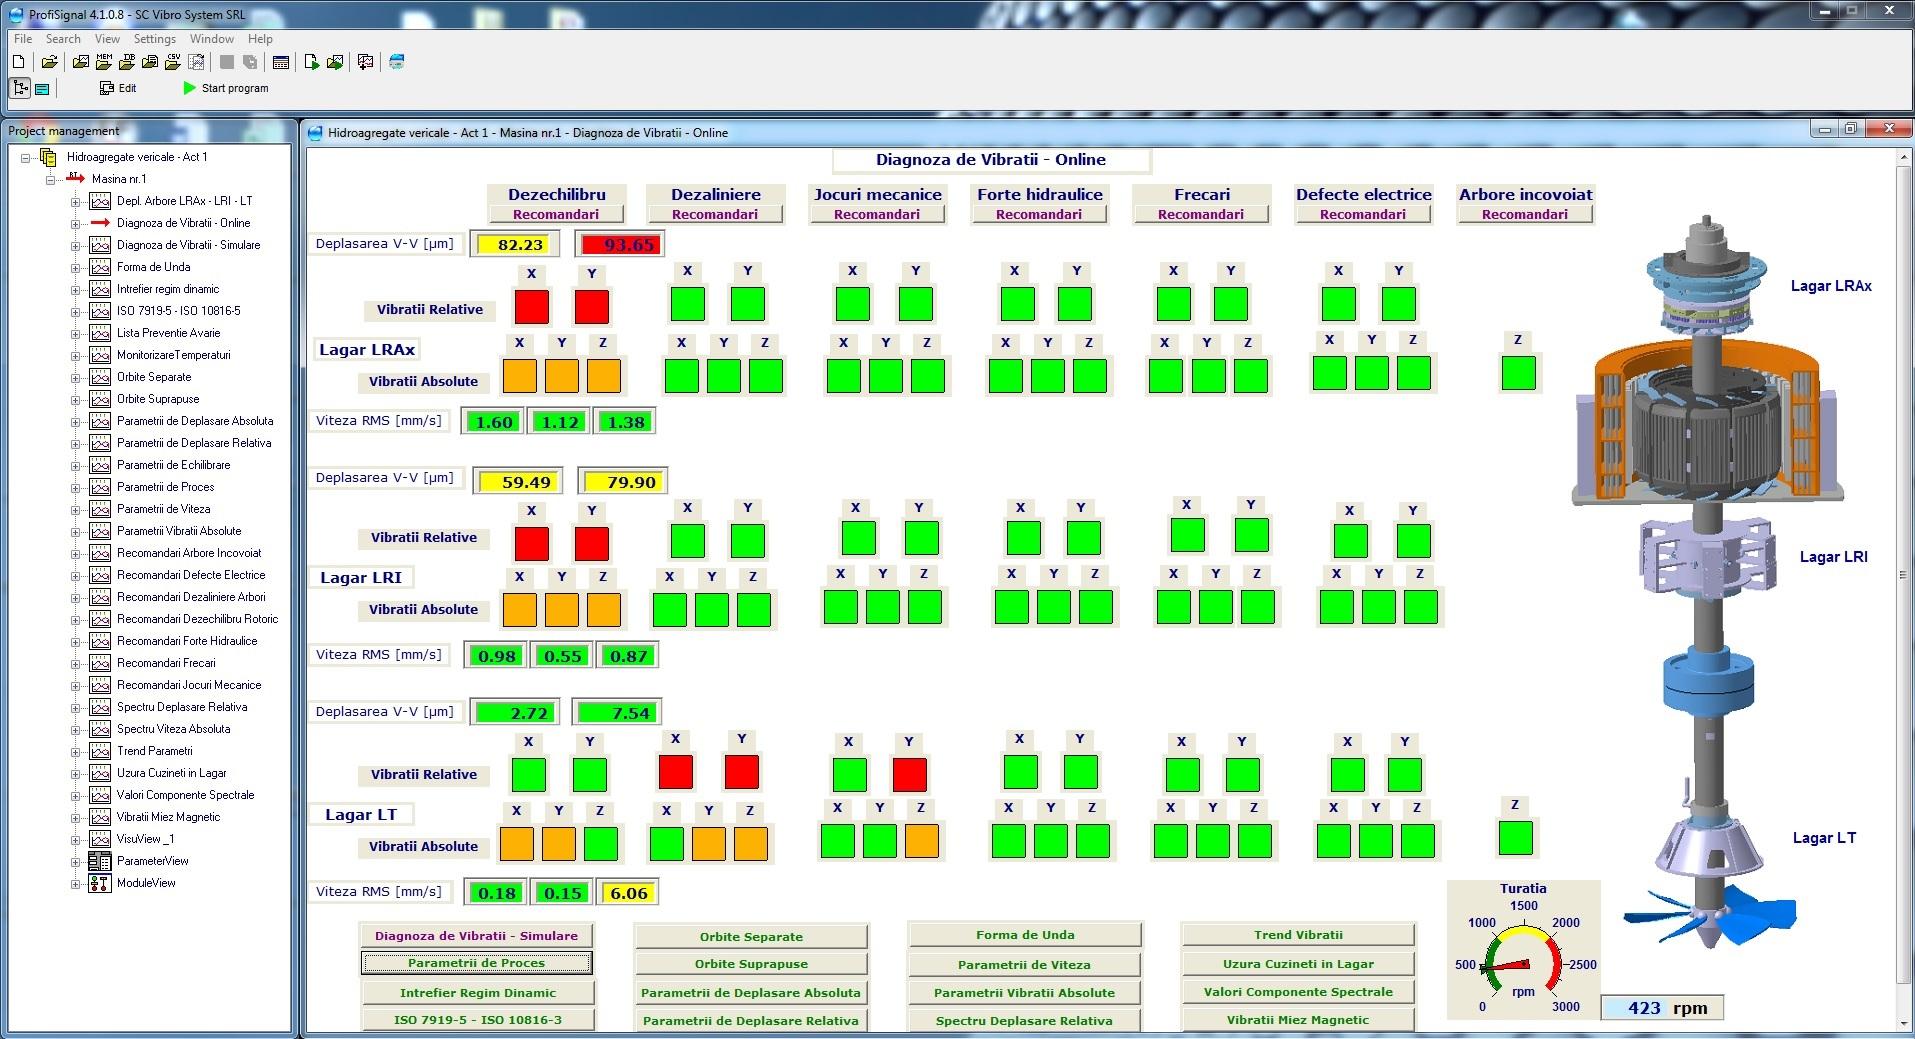 Diagnoza Vibratii - Online HA 20.03.2015